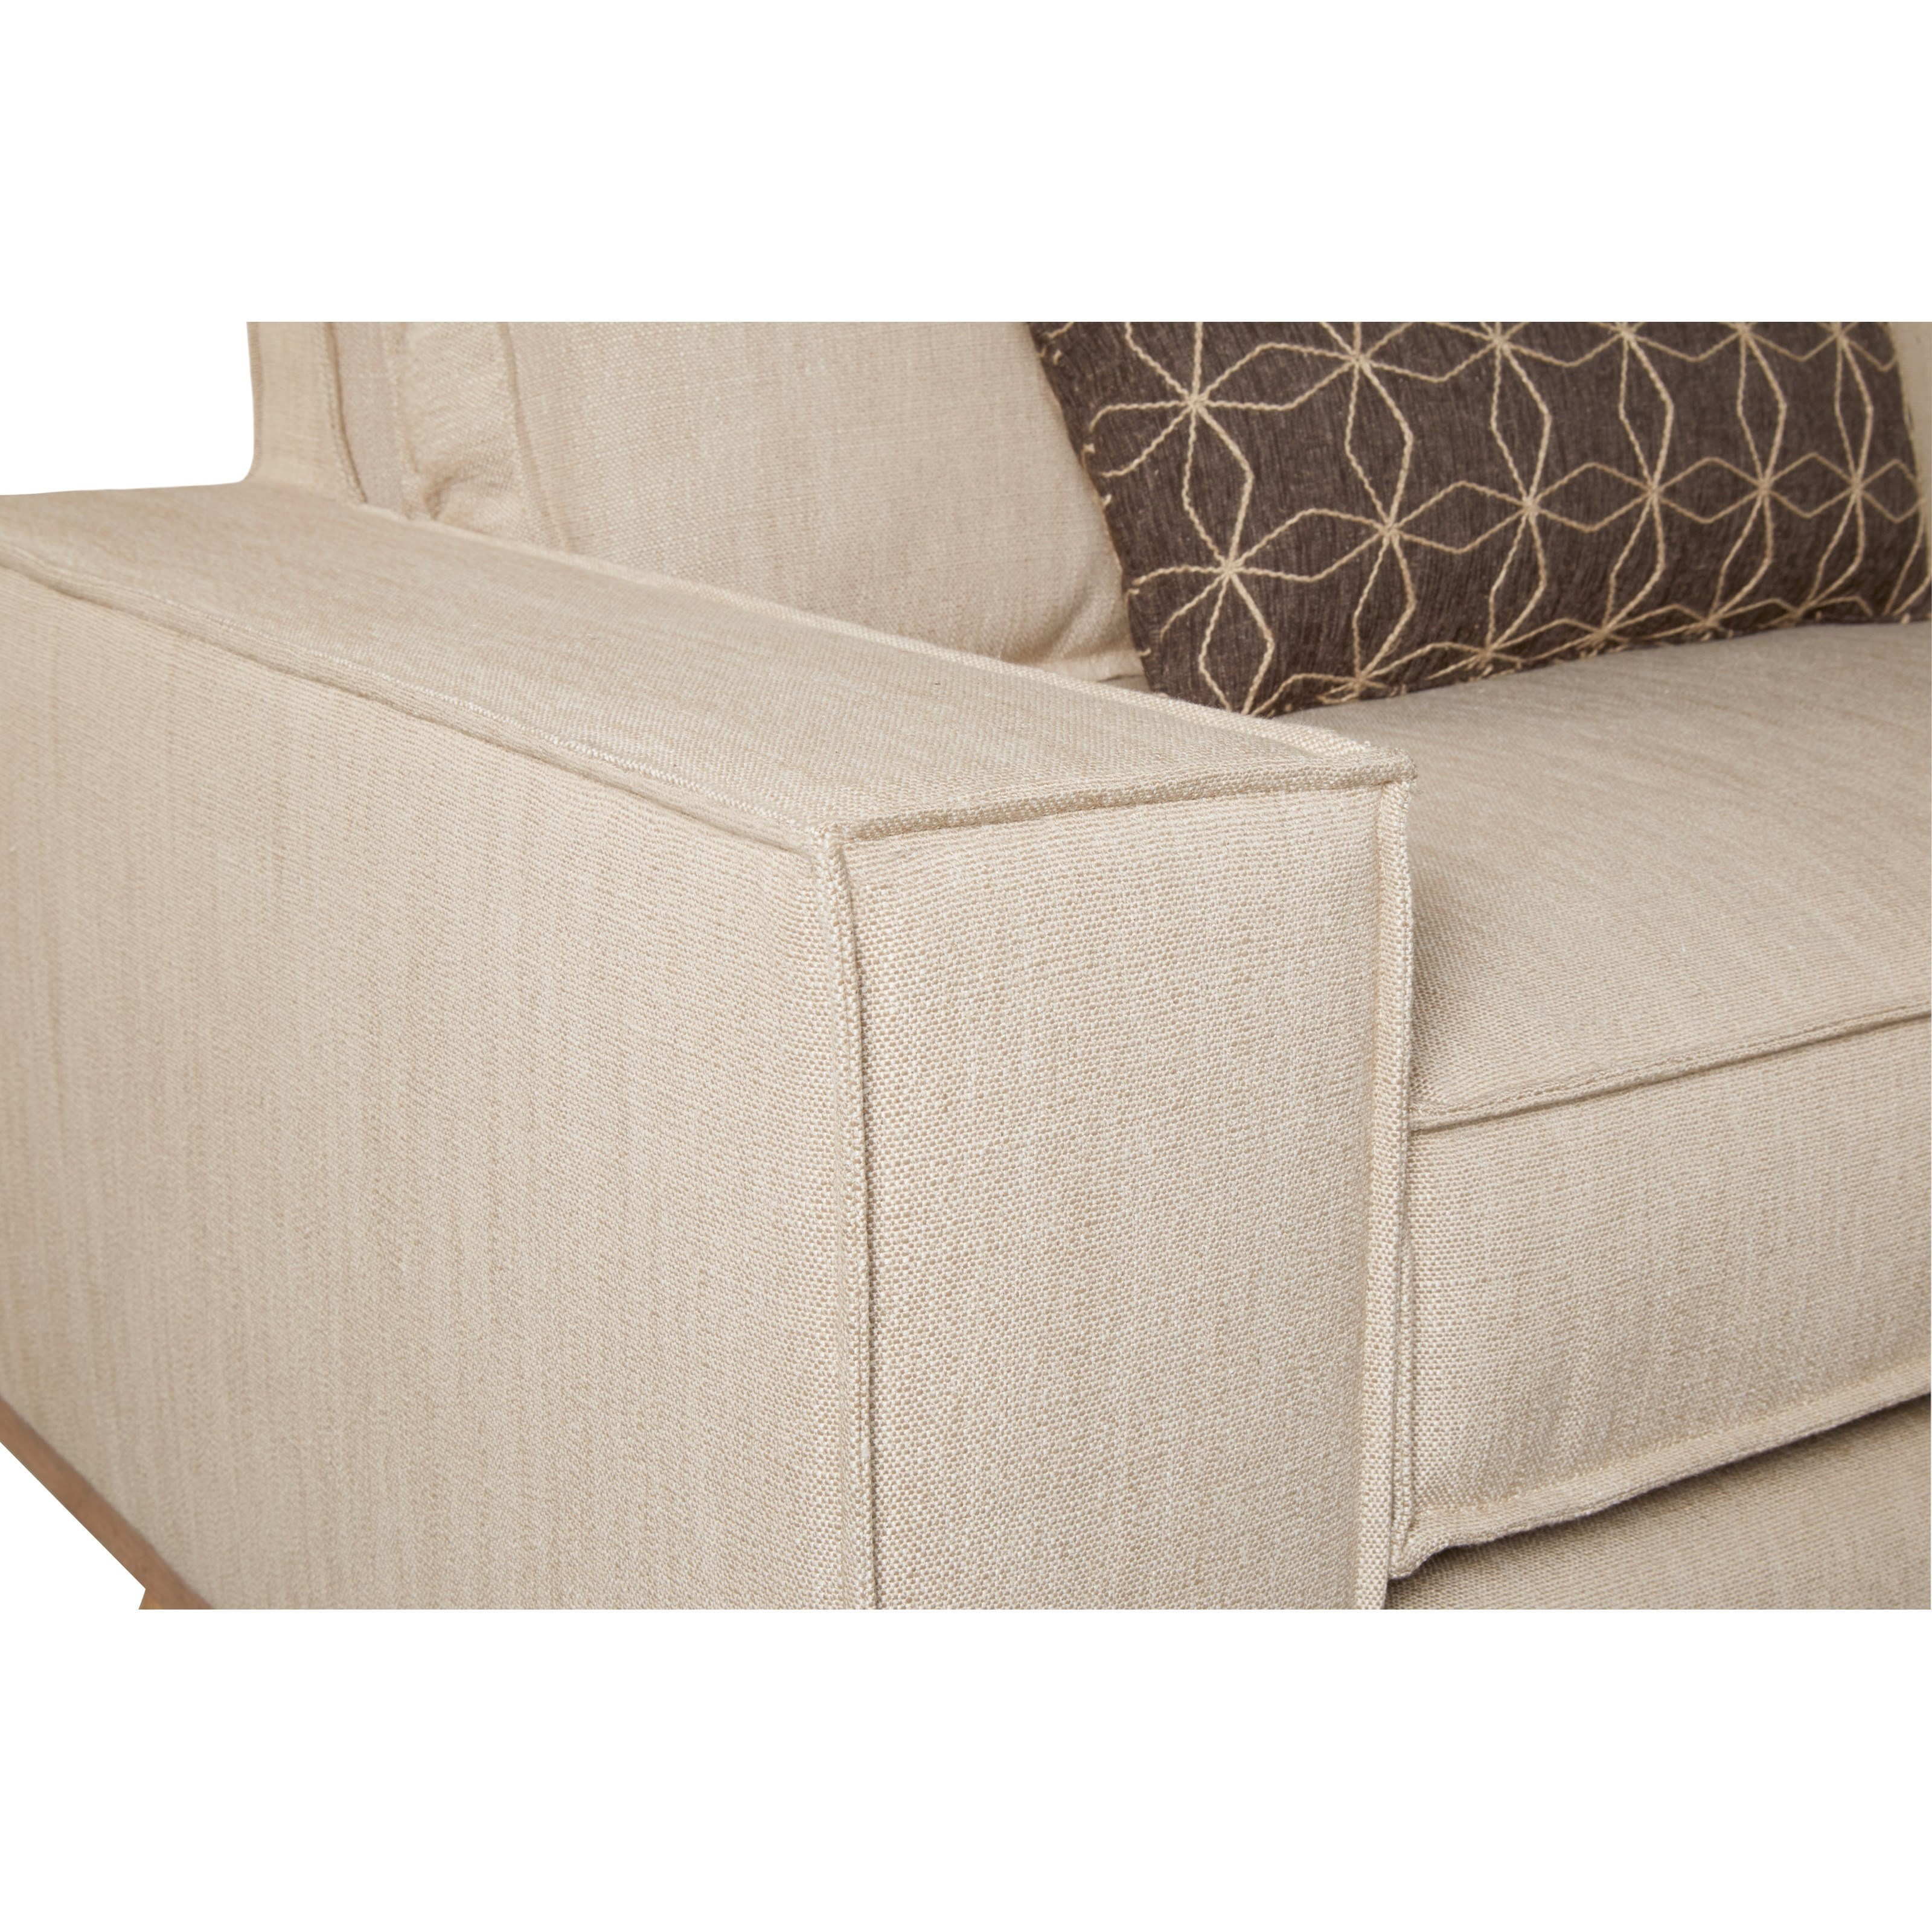 Epicenters Austin Van Zandt Sofa With Linen-Look Fabric